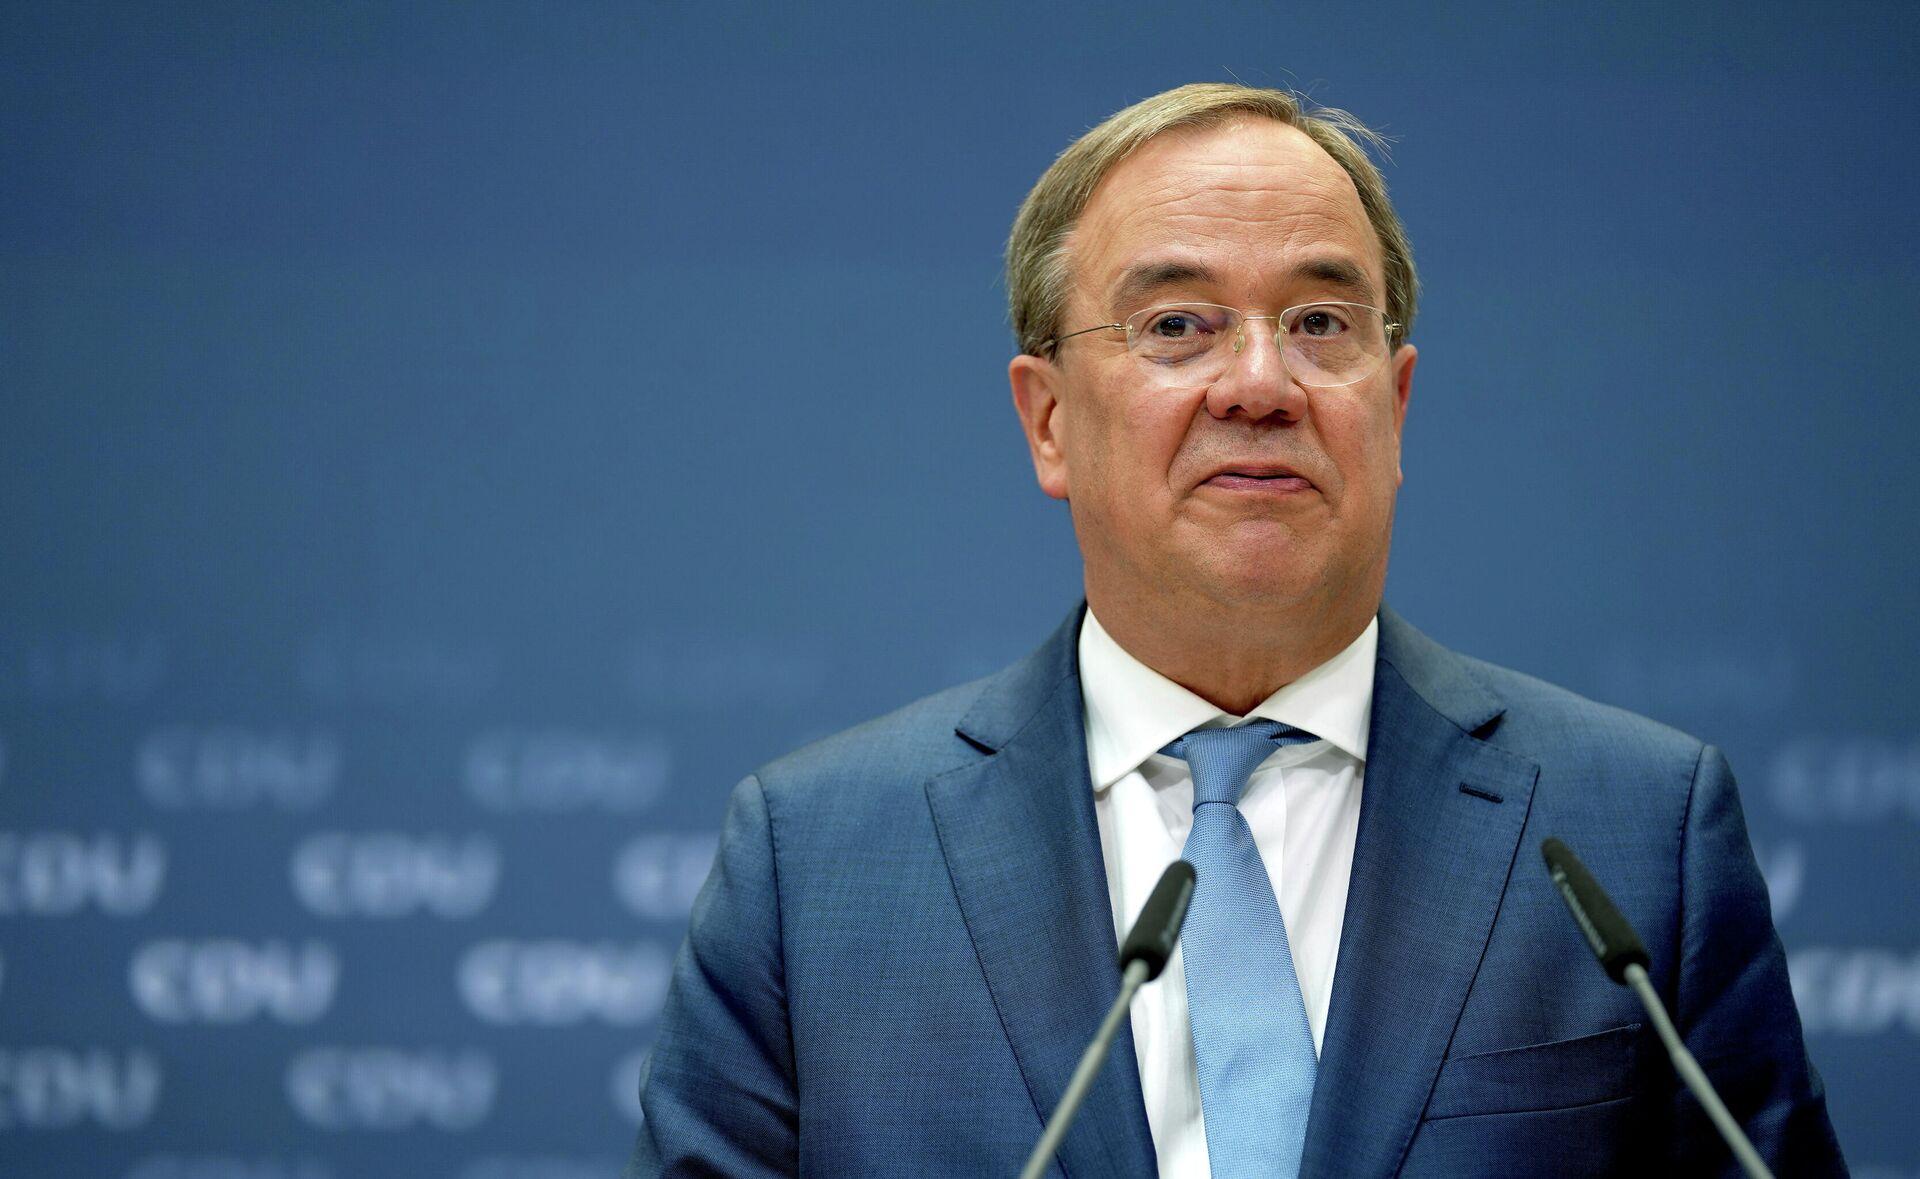 Армин Лашет, председатель Германского христианско-демократического союза - Sputnik Таджикистан, 1920, 21.09.2021